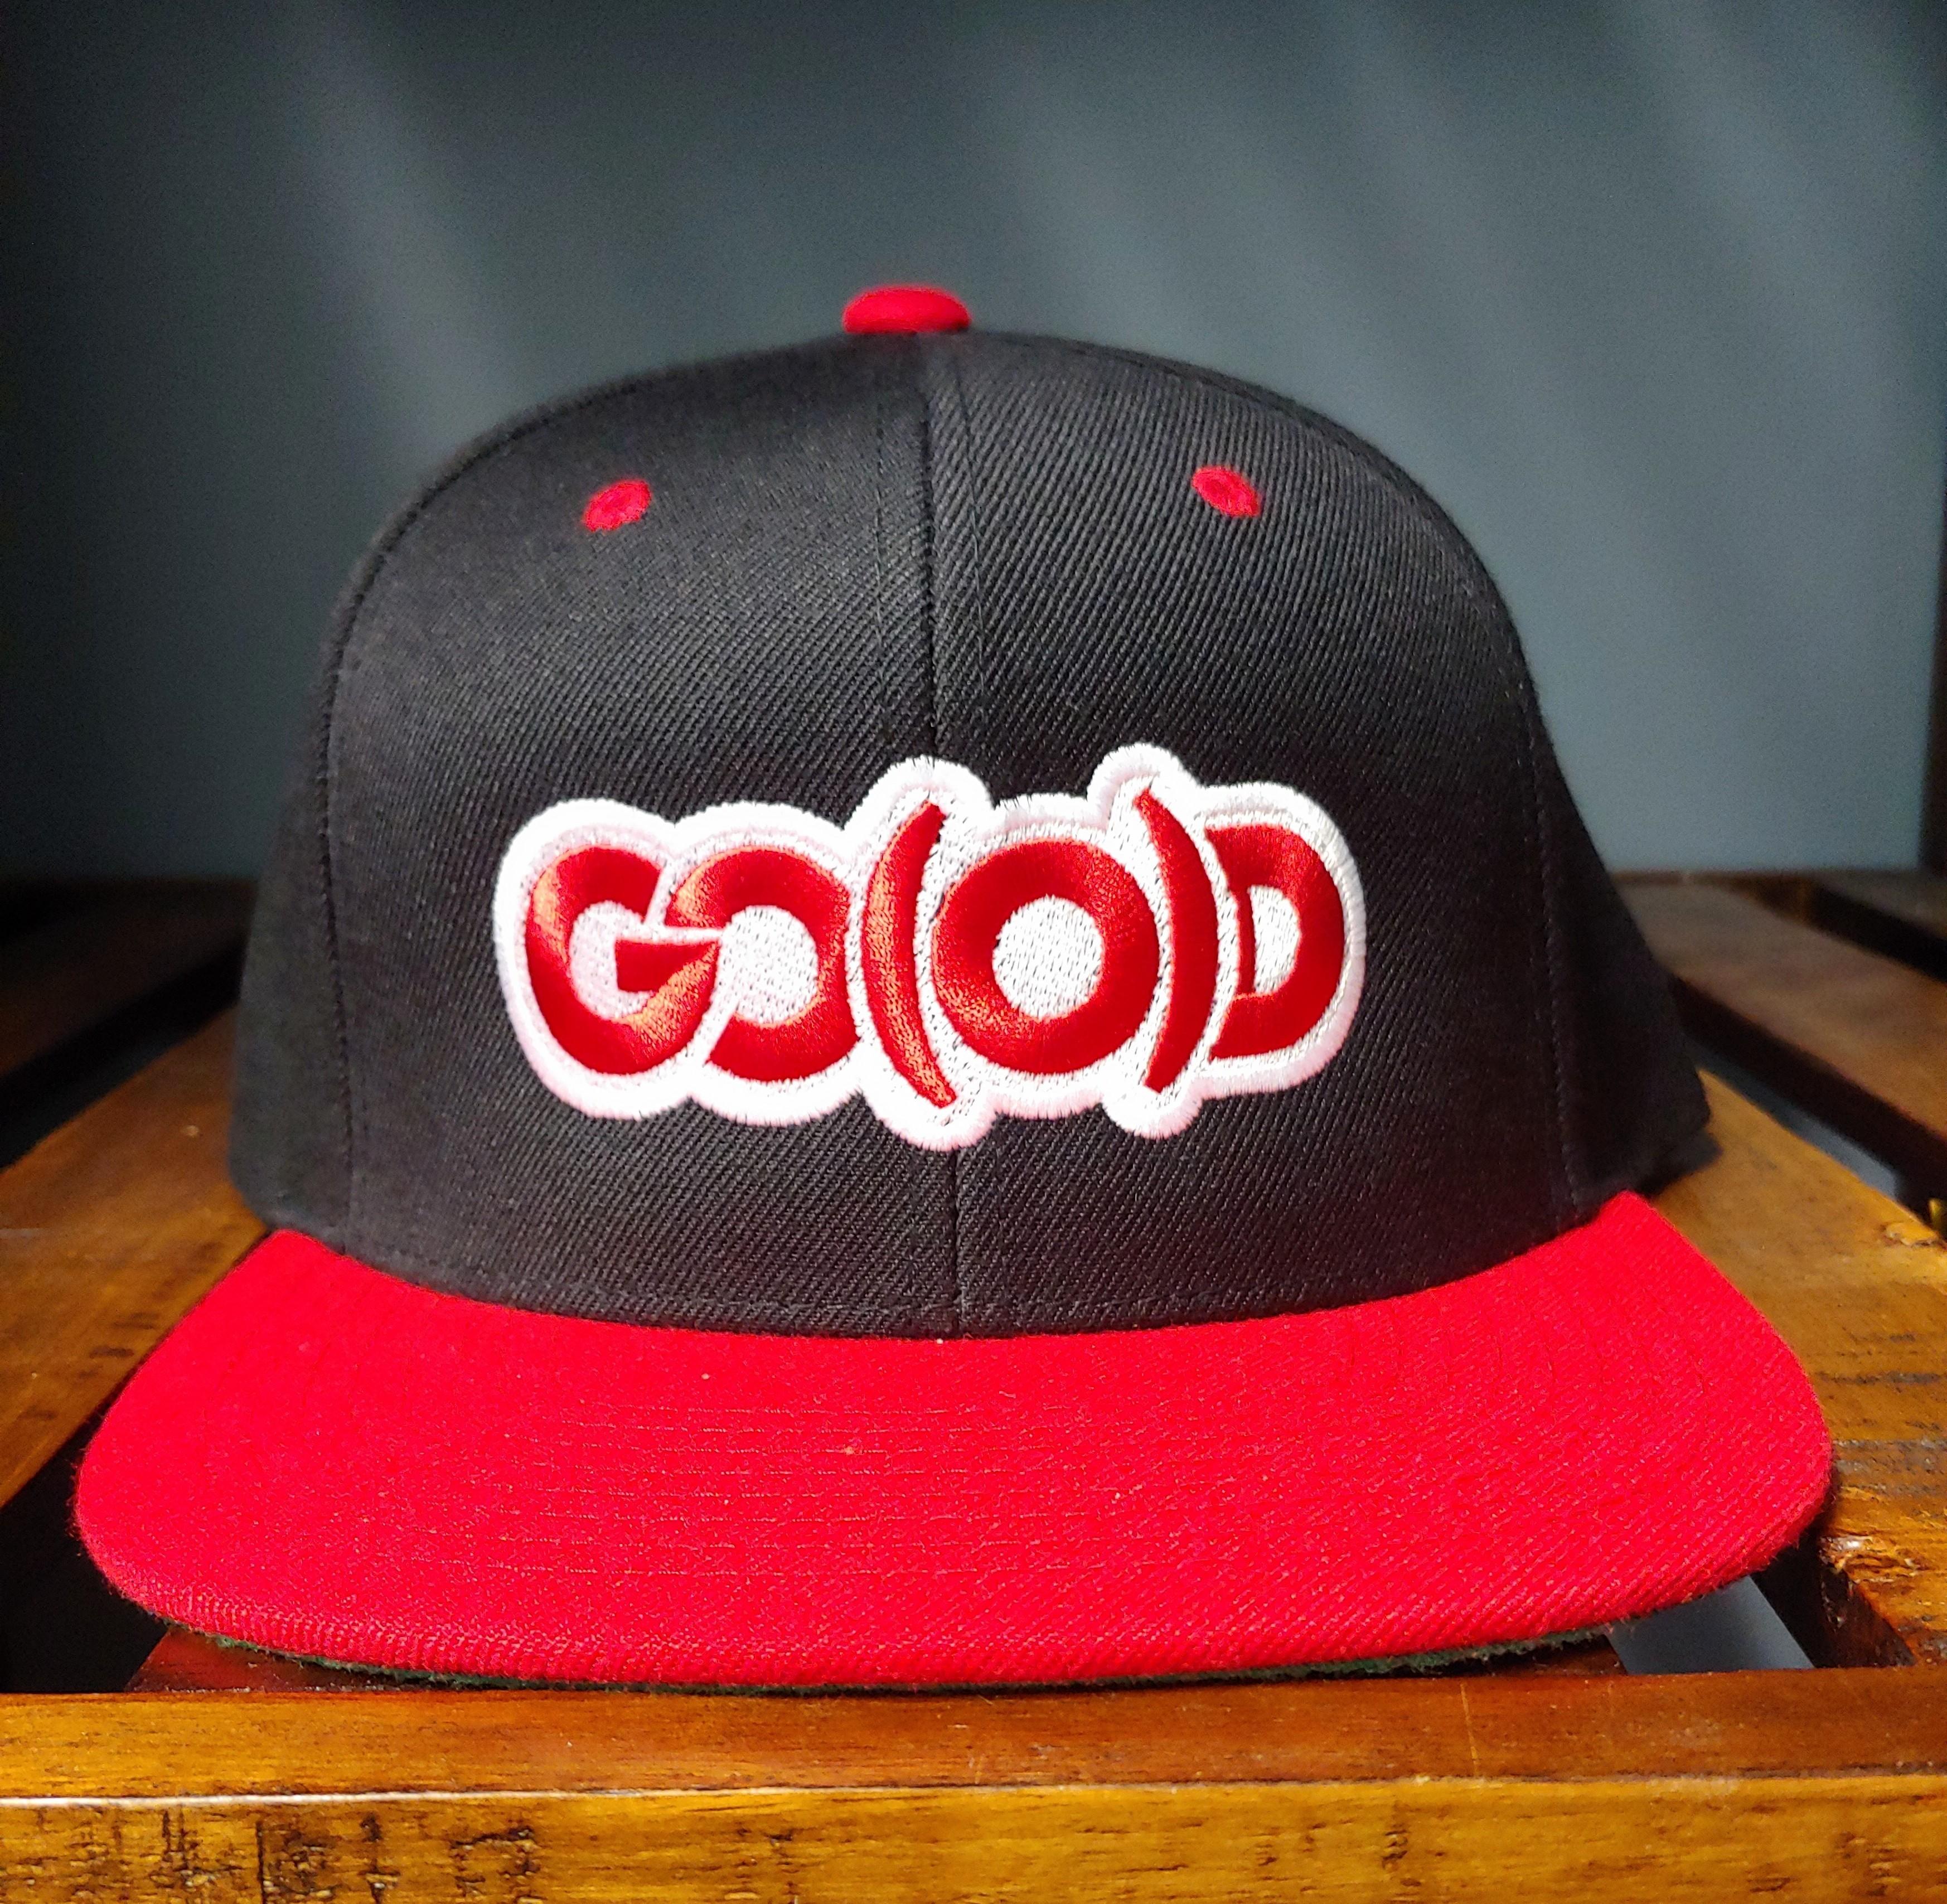 GO(O)D Snapback-black/red/white 00204